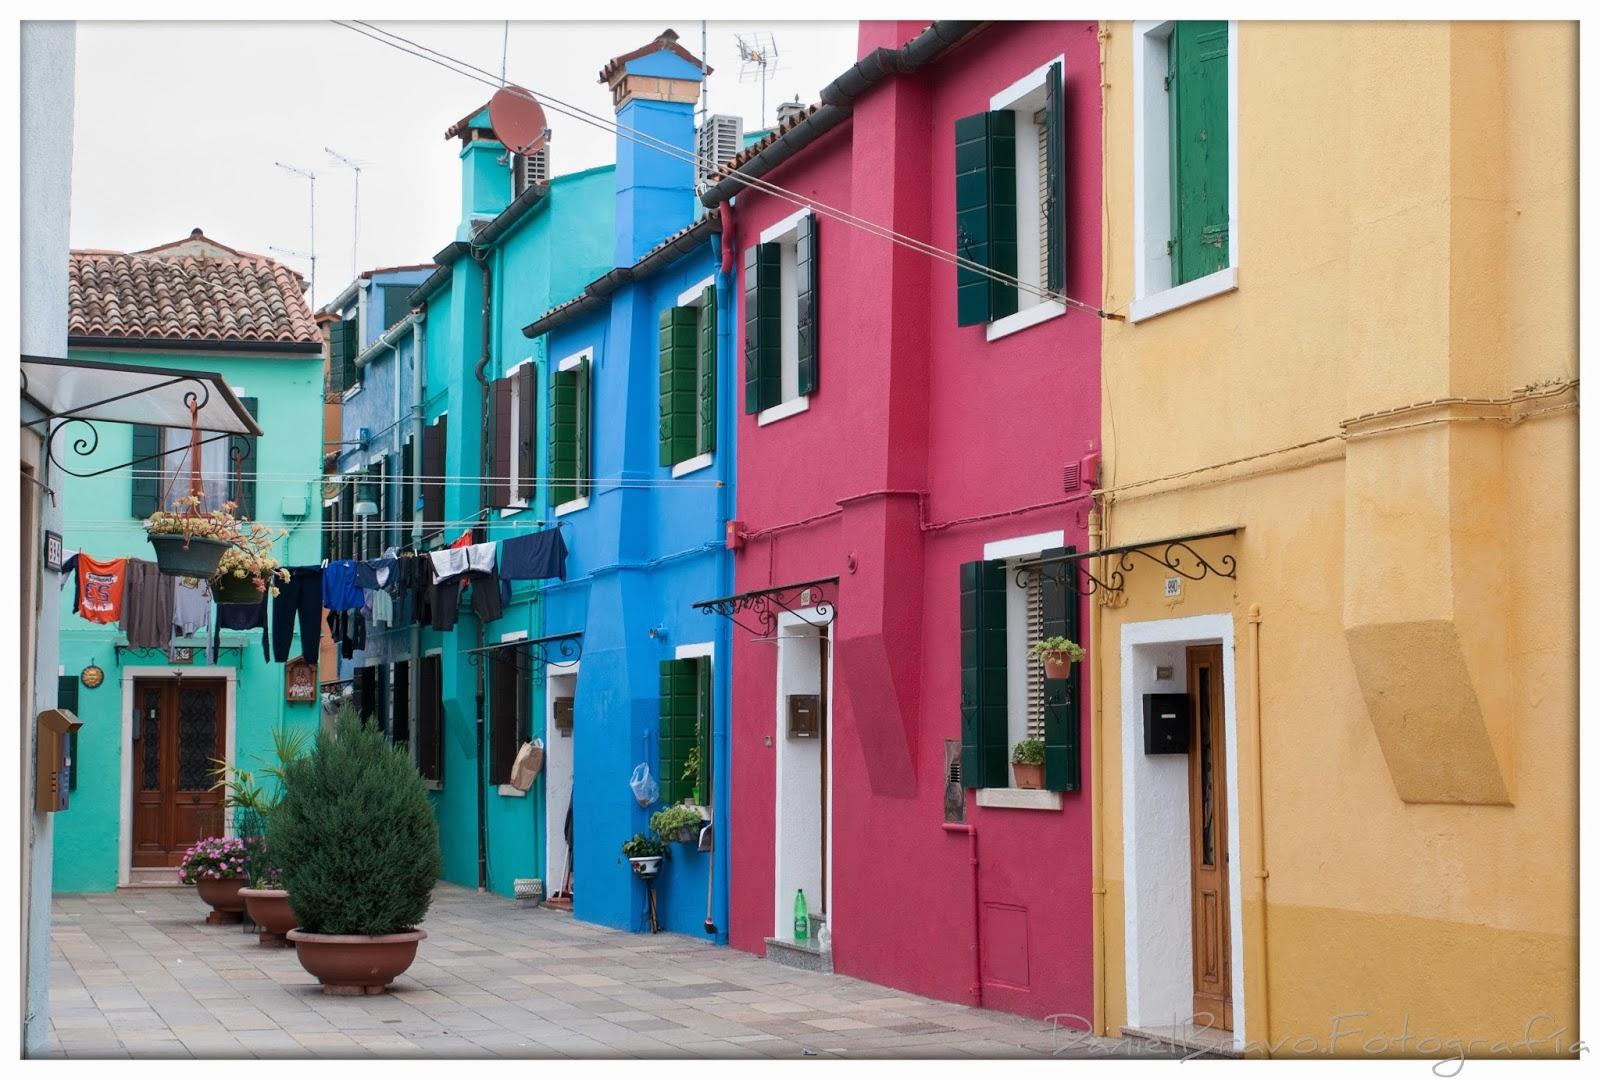 Vista de una calle típica de Burano con edificios de colores.